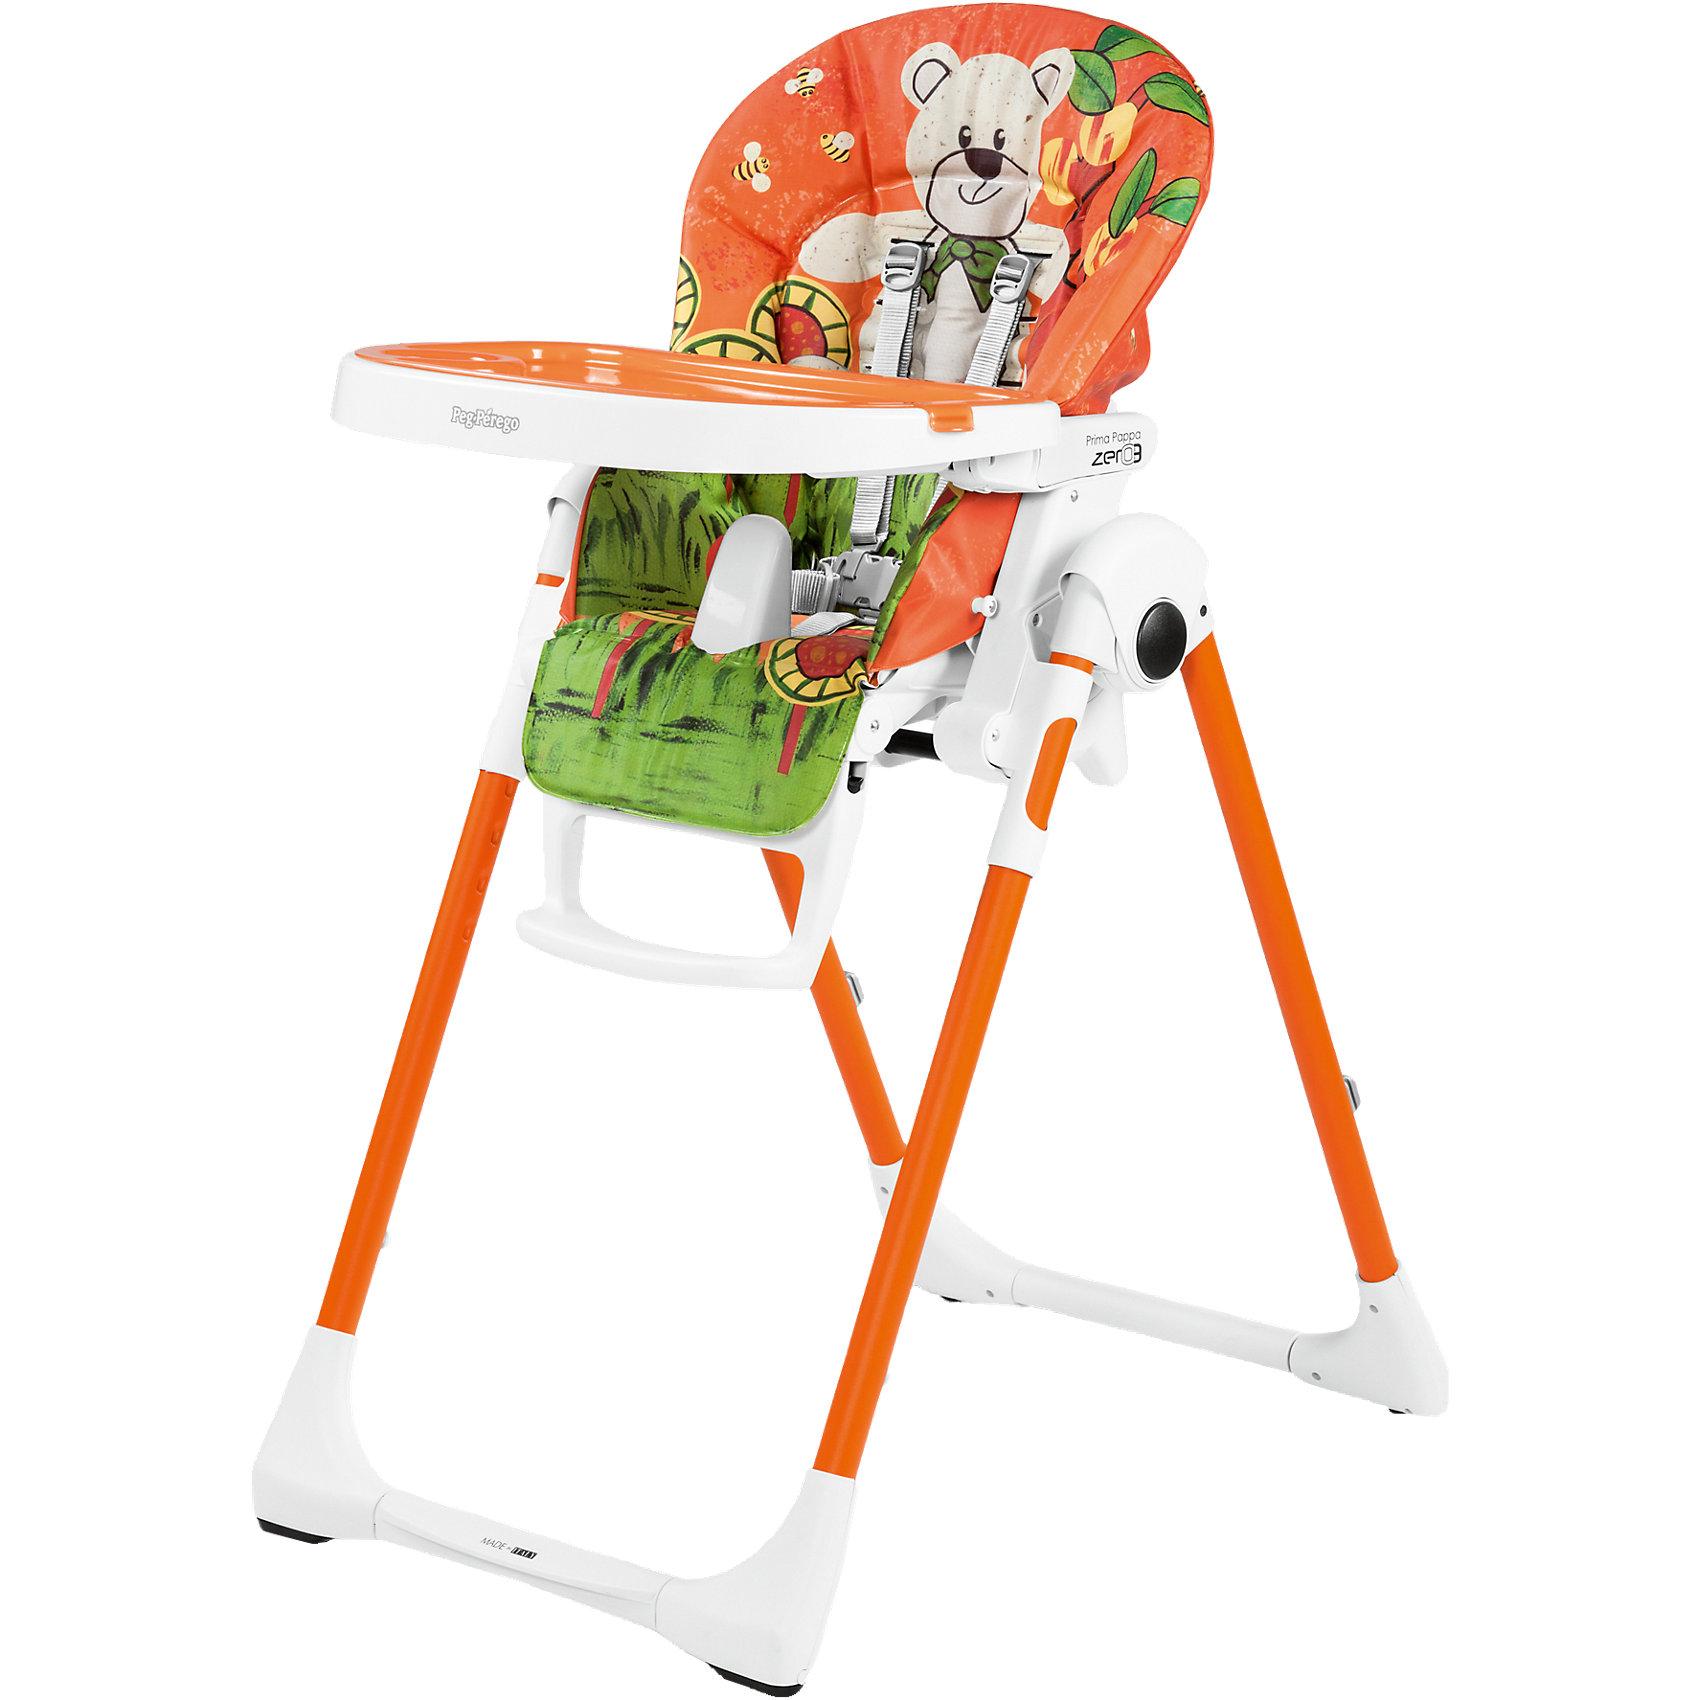 Стульчик для кормления Prima Pappa Zero3, Peg-Perego, Orso Arancio оранжевыйУдобный и функциональный стульчик Prima Pappa Zero3, Peg-Perego, обеспечит комфорт и безопасность Вашего малыша во время кормления. Спинка сиденья легко регулируется в 5 положениях (вплоть до горизонтального), что позволяет использовать стульчик как для кормления так<br>и для игр и сна. Широкое и эргономичное мягкое сиденье будет удобно как малышу, так и ребенку постарше. Стульчик оснащен регулируемыми 5-точечными ремнями безопасности, а планка-разделитель для ножек под столиком не даст малышу соскользнуть. Высота стула<br>регулируется в 7 положениях, выбрав самое низкое положение и убрав столик, Вы легко трансформируете стул для кормления в низкий безопасный детский стульчик, куда ребенок может садиться сам. Подножка регулируется в 3 позициях, позволяя выбрать оптимальное для ребенка<br>положение. <br><br>Широкий съемный столик оснащен подносом с отделениями для кружки или стакана, поднос можно снять для быстрой чистки и использовать основную поверхность для игр и занятий. Для детей постарше стул можно использовать без столика для кормления, придвинув его к столу<br>для взрослых. Ножки оснащены колесиками с блокираторами, что позволяет легко перемещать стульчик по комнате. Чехол легко снимаются для чистки. Стульчик легко и компактно складывается и занимает мало места при хранении. Подходит для детей в возрасте от 0<br>месяцев до 3 лет.<br><br>Дополнительная информация:<br><br>- Цвет: оранжевый.<br>- Материал: пластик, ПВХ.<br>- Размер в разложенном состоянии: 55 х 76 х 105 см. <br>- Размер в сложенном состоянии: 58 х 28,5 х 103,5 cм. <br>- Вес: 7,6 кг.<br><br>Стульчик для кормления Prima Pappa Zero3, Peg-Perego, Orso Arancio оранжевый, можно купить в нашем интернет-магазине.<br><br>Ширина мм: 930<br>Глубина мм: 560<br>Высота мм: 300<br>Вес г: 10040<br>Цвет: orange/gelb<br>Возраст от месяцев: 0<br>Возраст до месяцев: 36<br>Пол: Унисекс<br>Возраст: Детский<br>SKU: 4593828